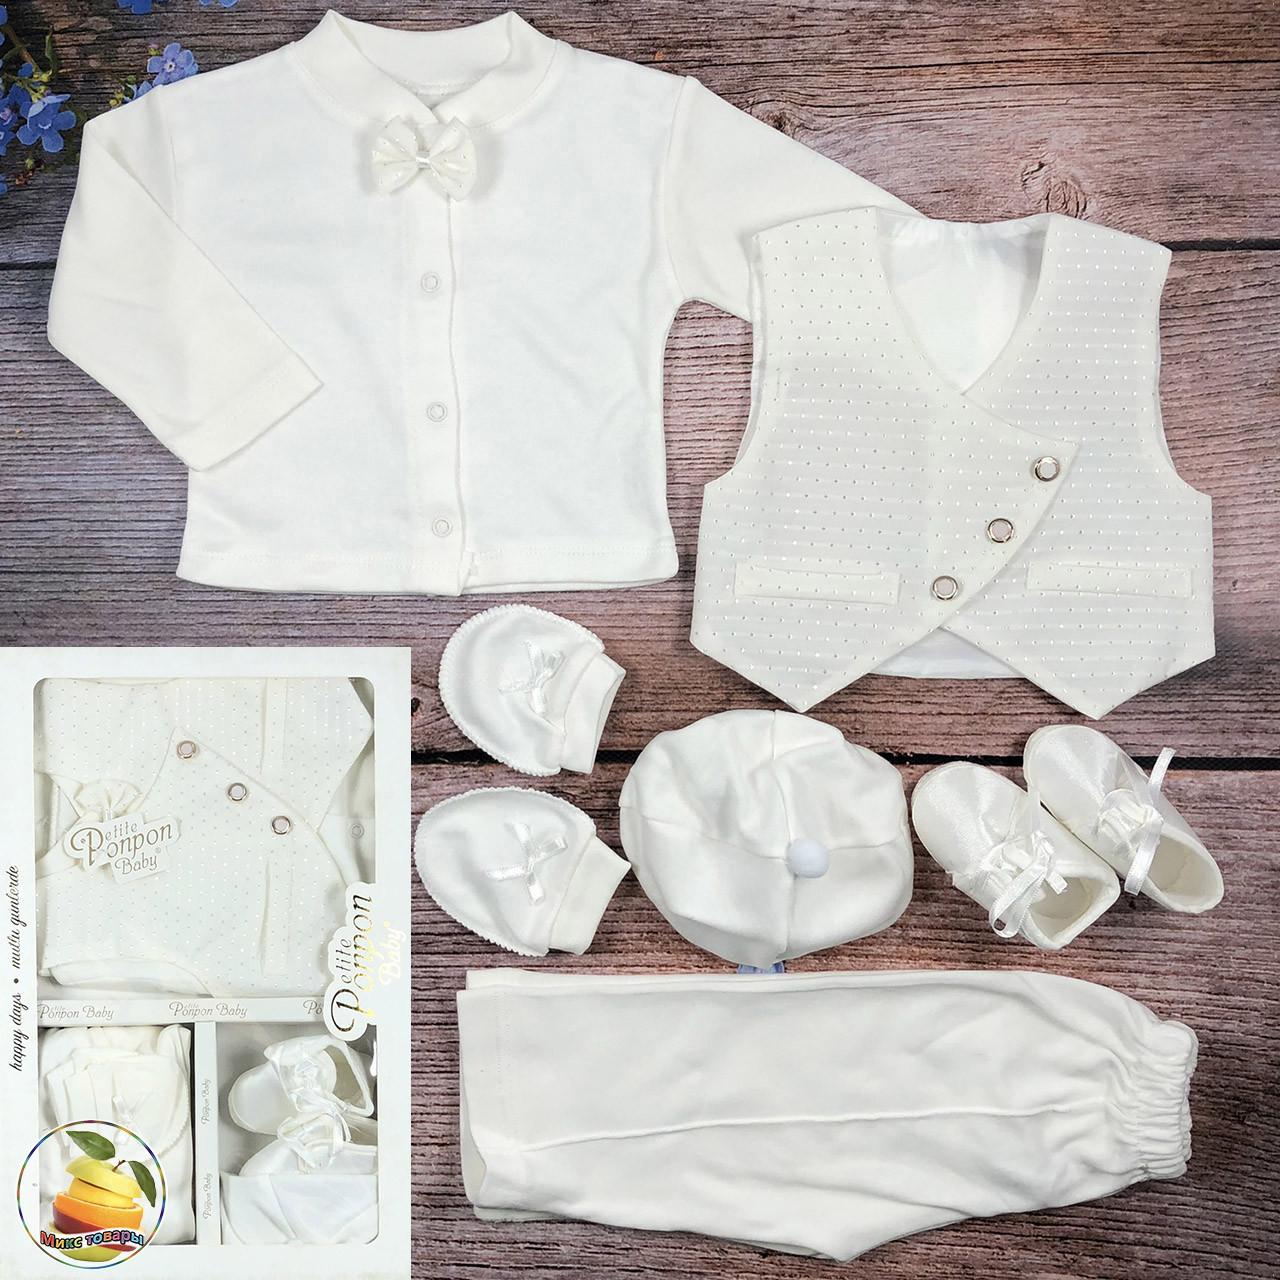 Набор одежды на крещение для мальчика Размер: 0-3 месяца (20337)